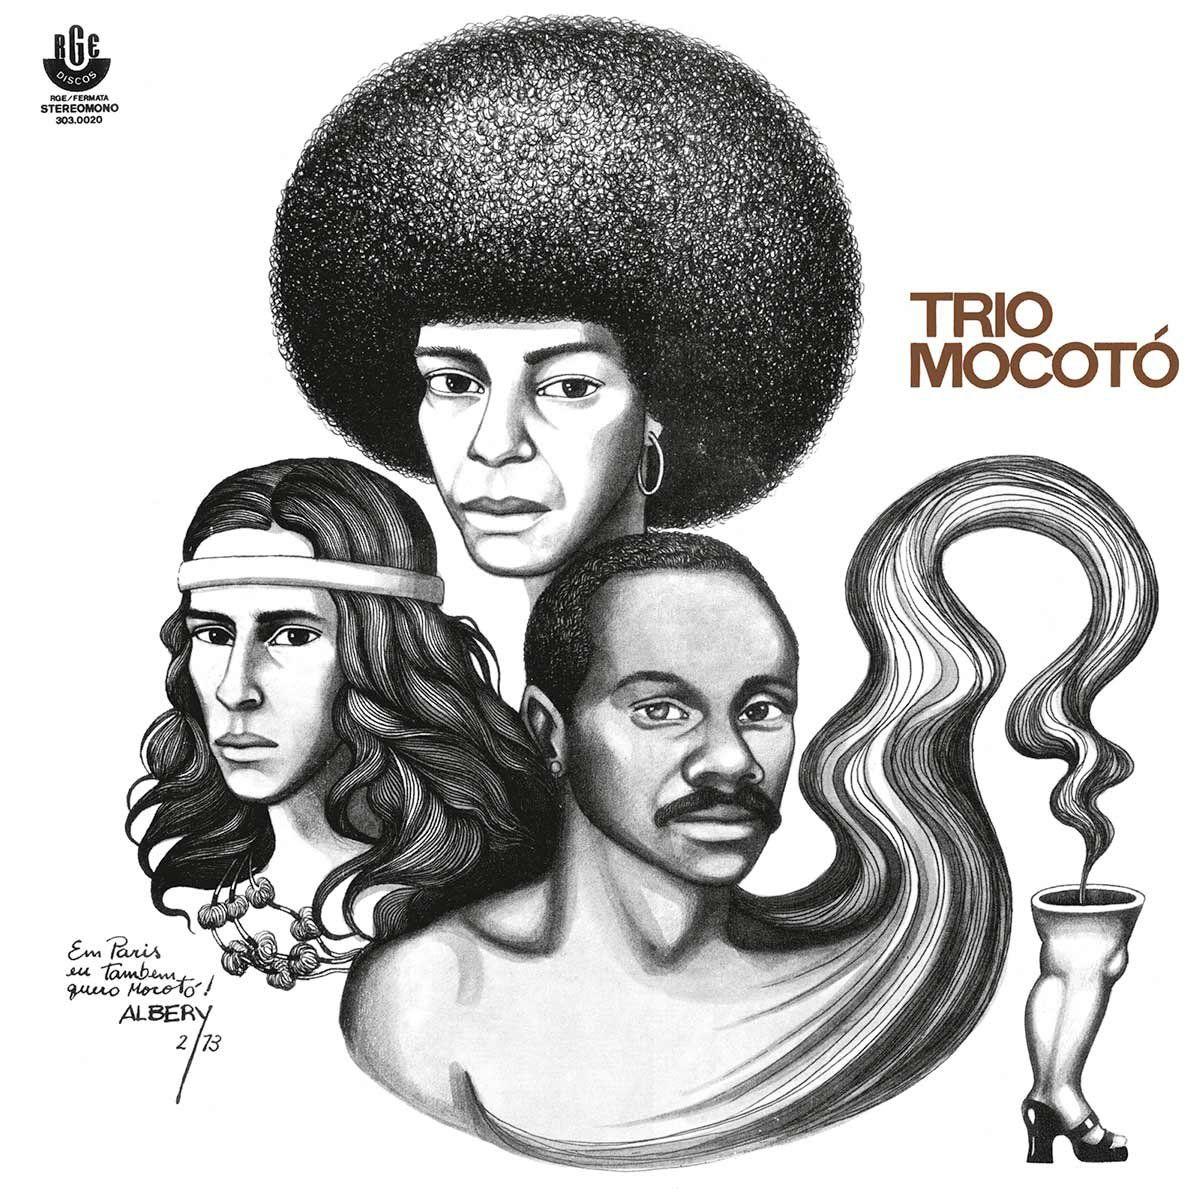 LP Trio Mocotó 1973  - bandUP Store Marketplace